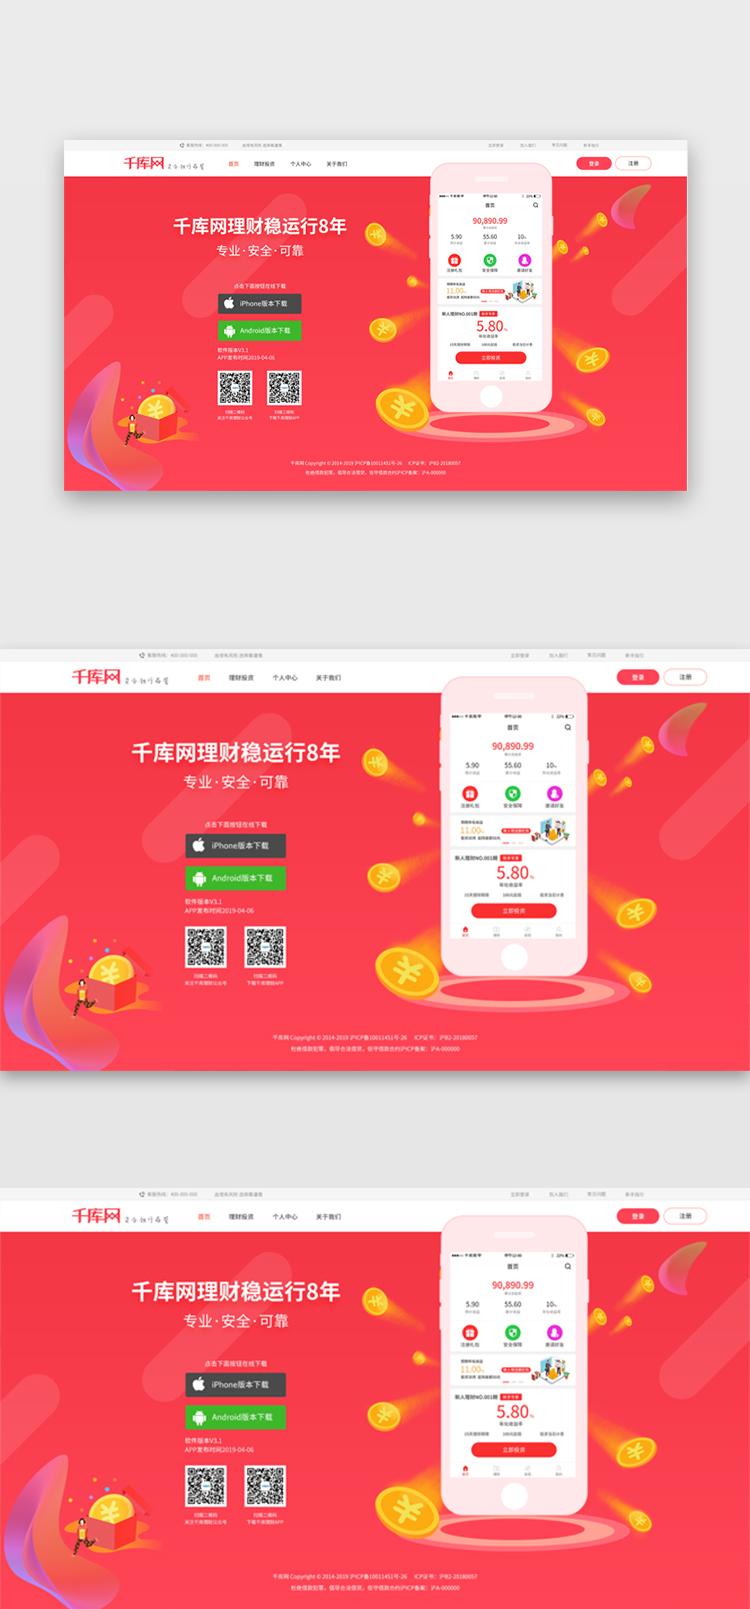 网站系旅馆软件下载页面ui界面设计素材红色胶囊建筑设计图片